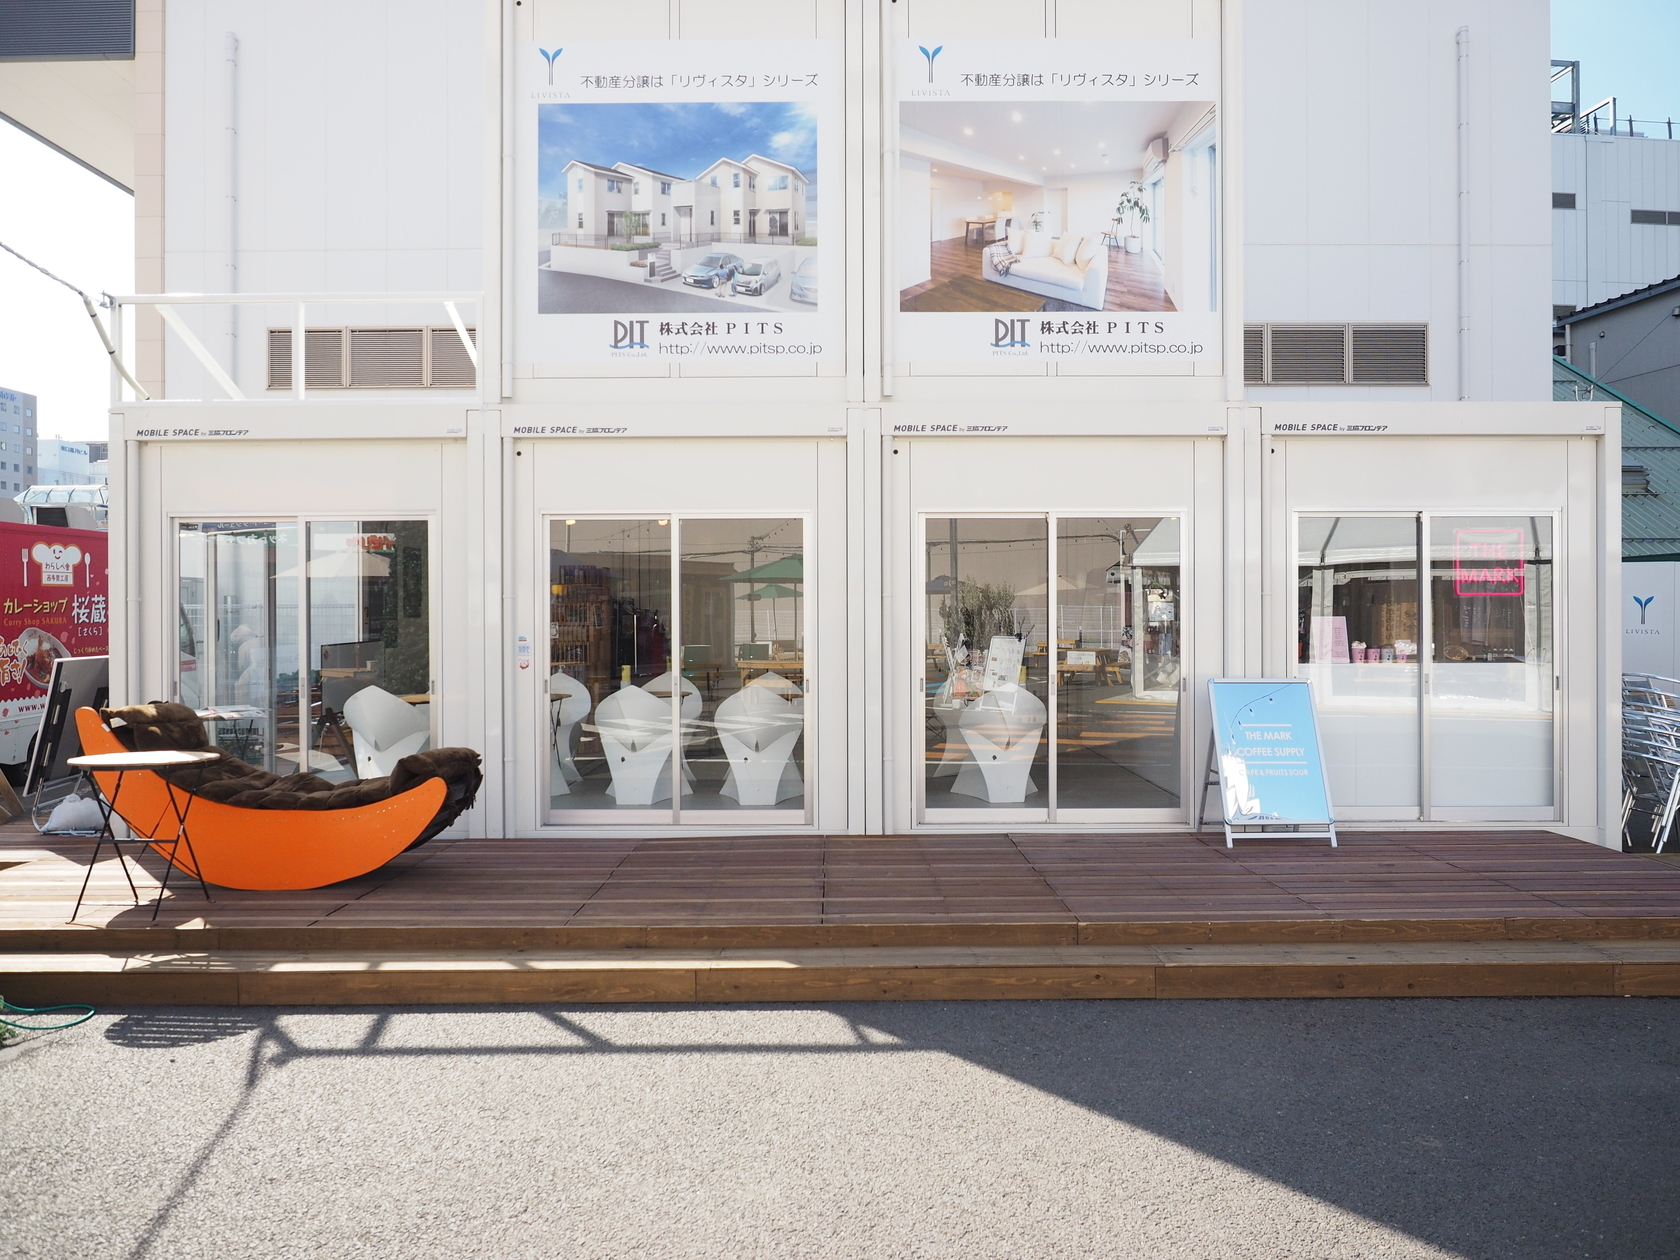 【4月・5月】【EKITUZI】仙台駅徒歩0分 Wi-fi/電源/ウッドデッキつき お洒落な屋内イベントスペース(EKITUZI -食と遊びで未来を志向する実験広場-) の写真0